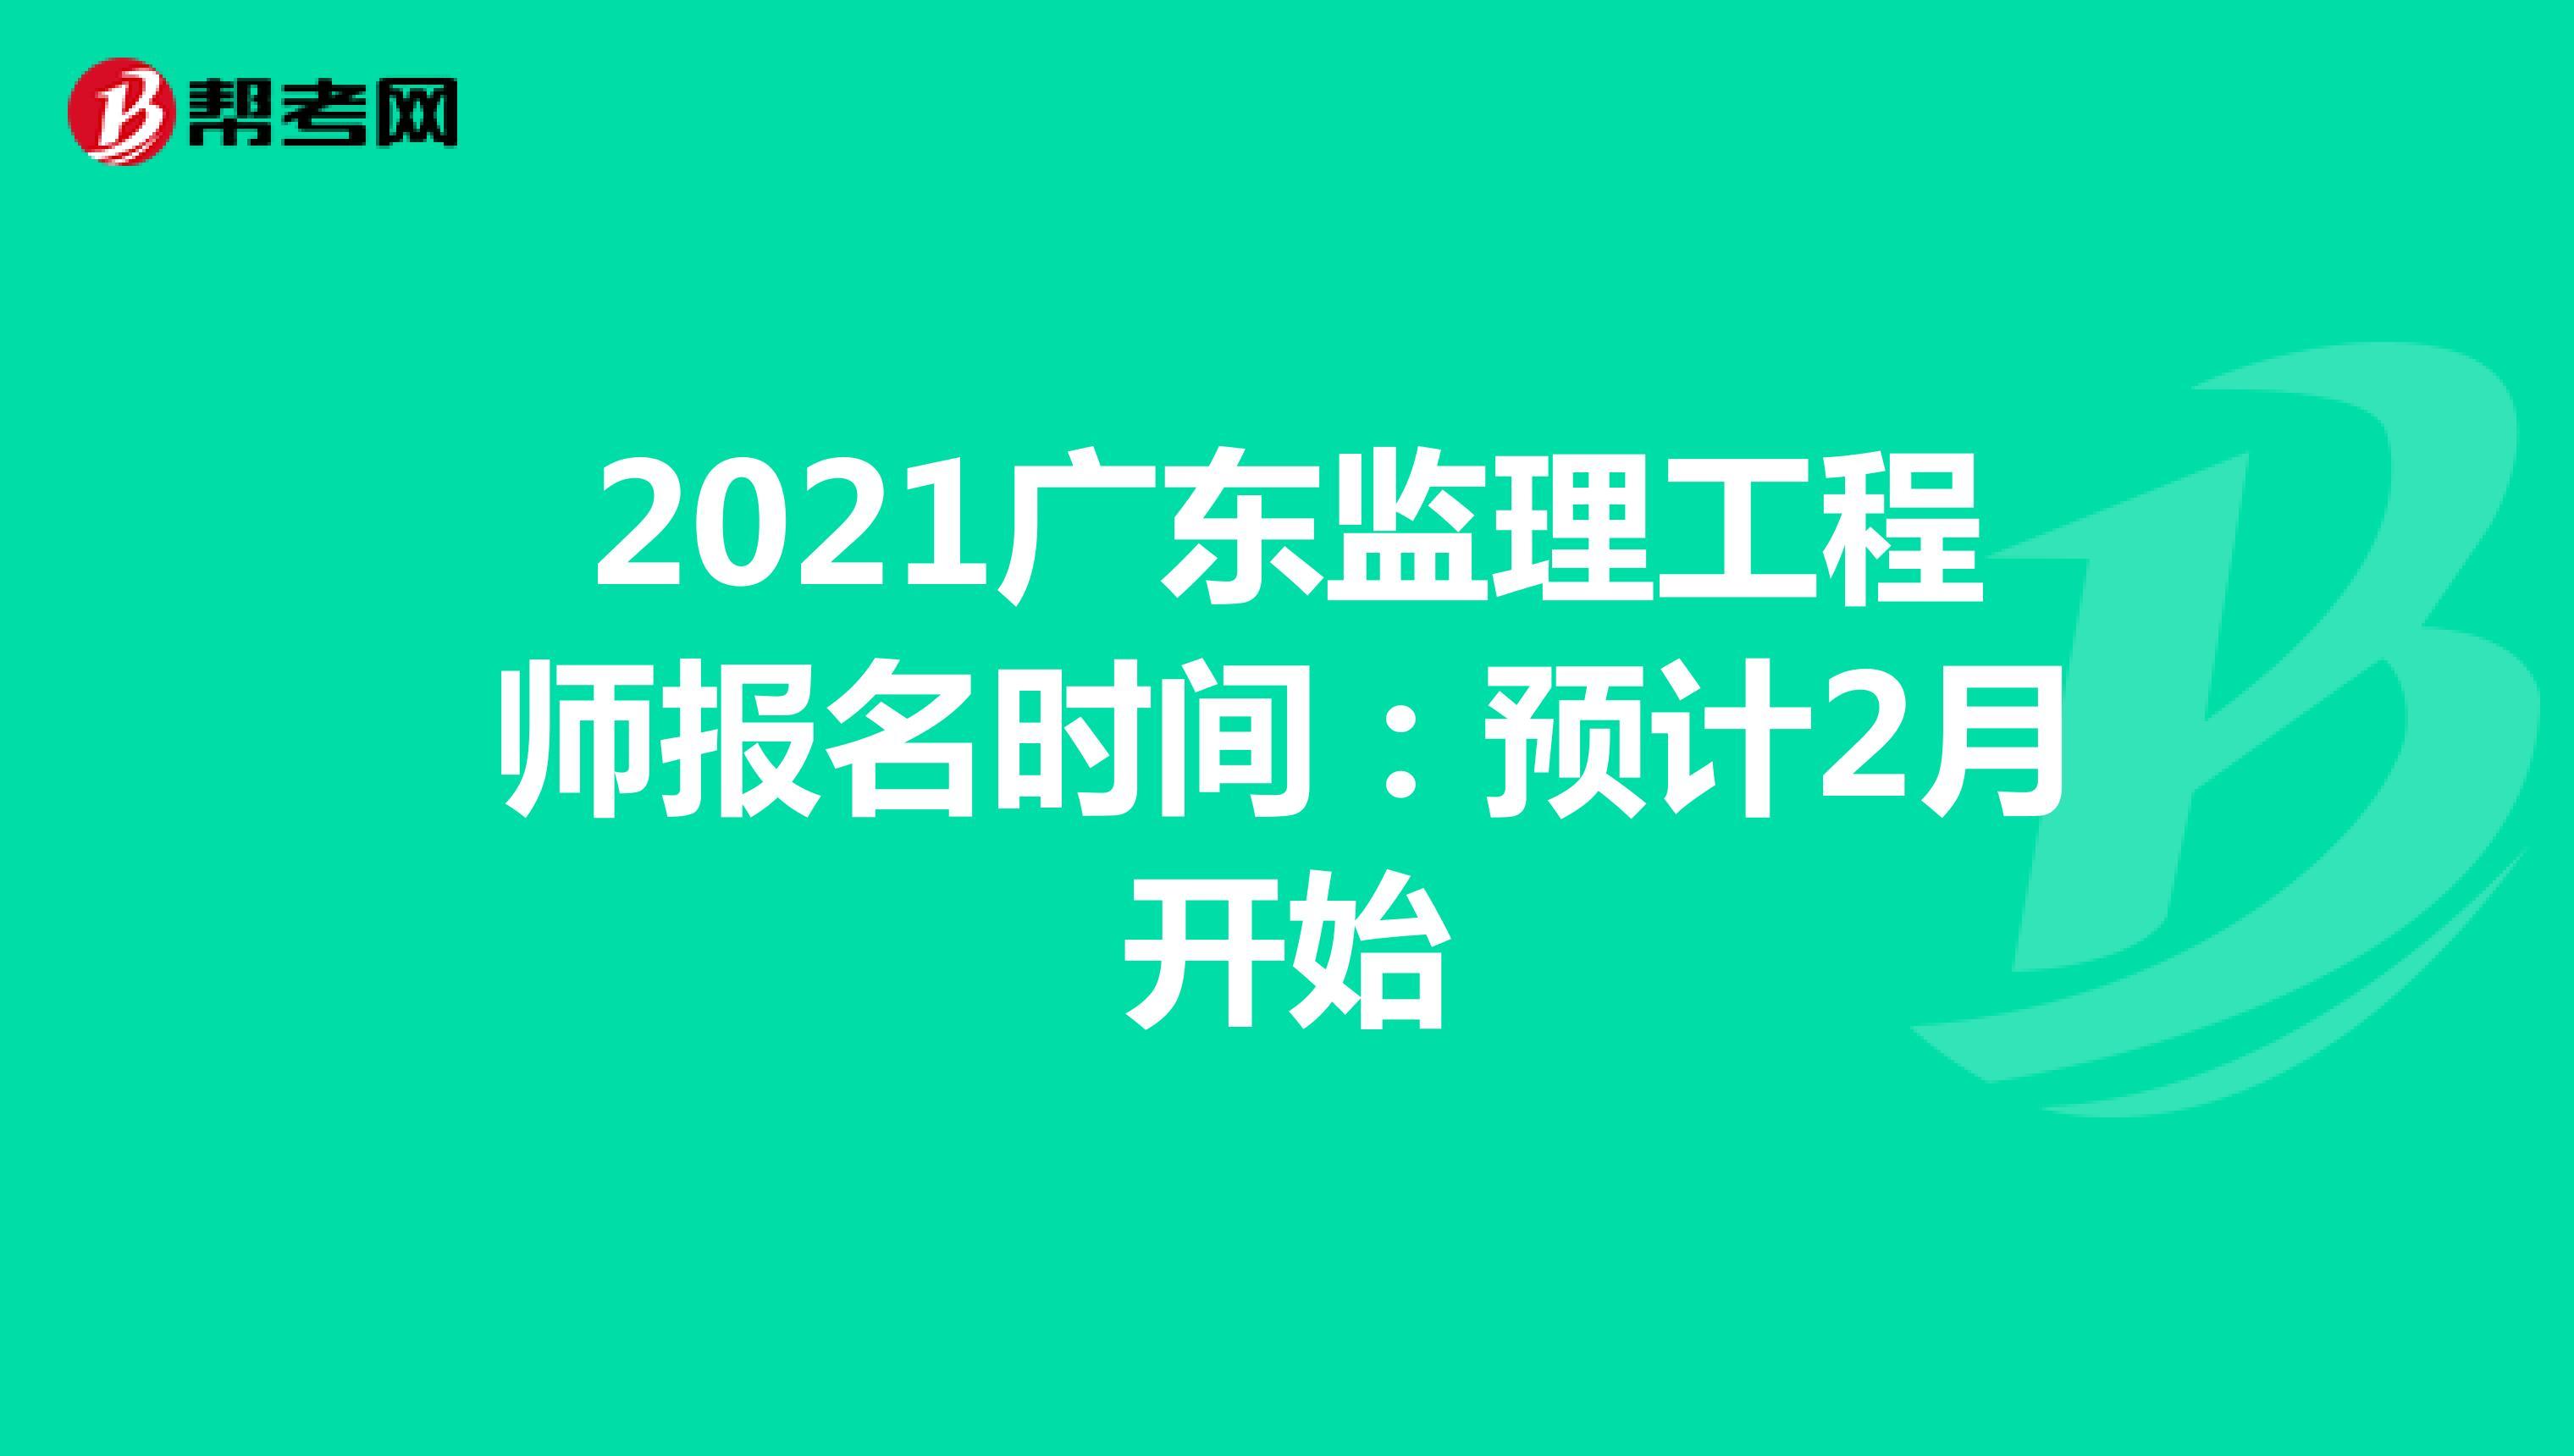 2021广东监理工程师报名时间:预计2月开始